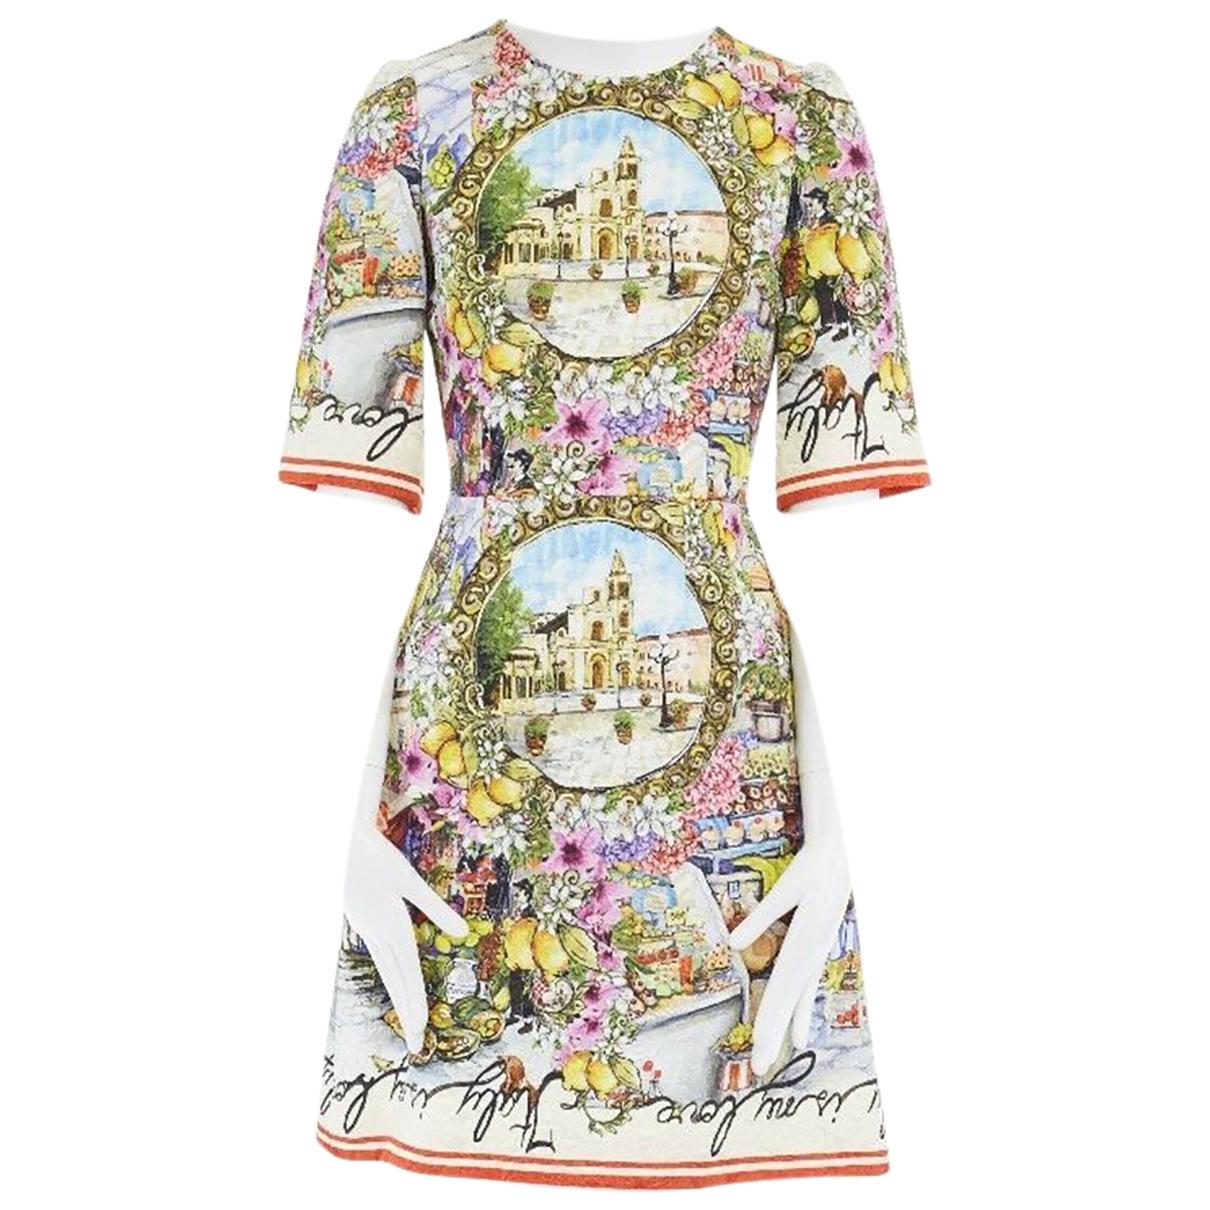 Dolce & Gabbana \N Multicolour dress for Women 36 IT